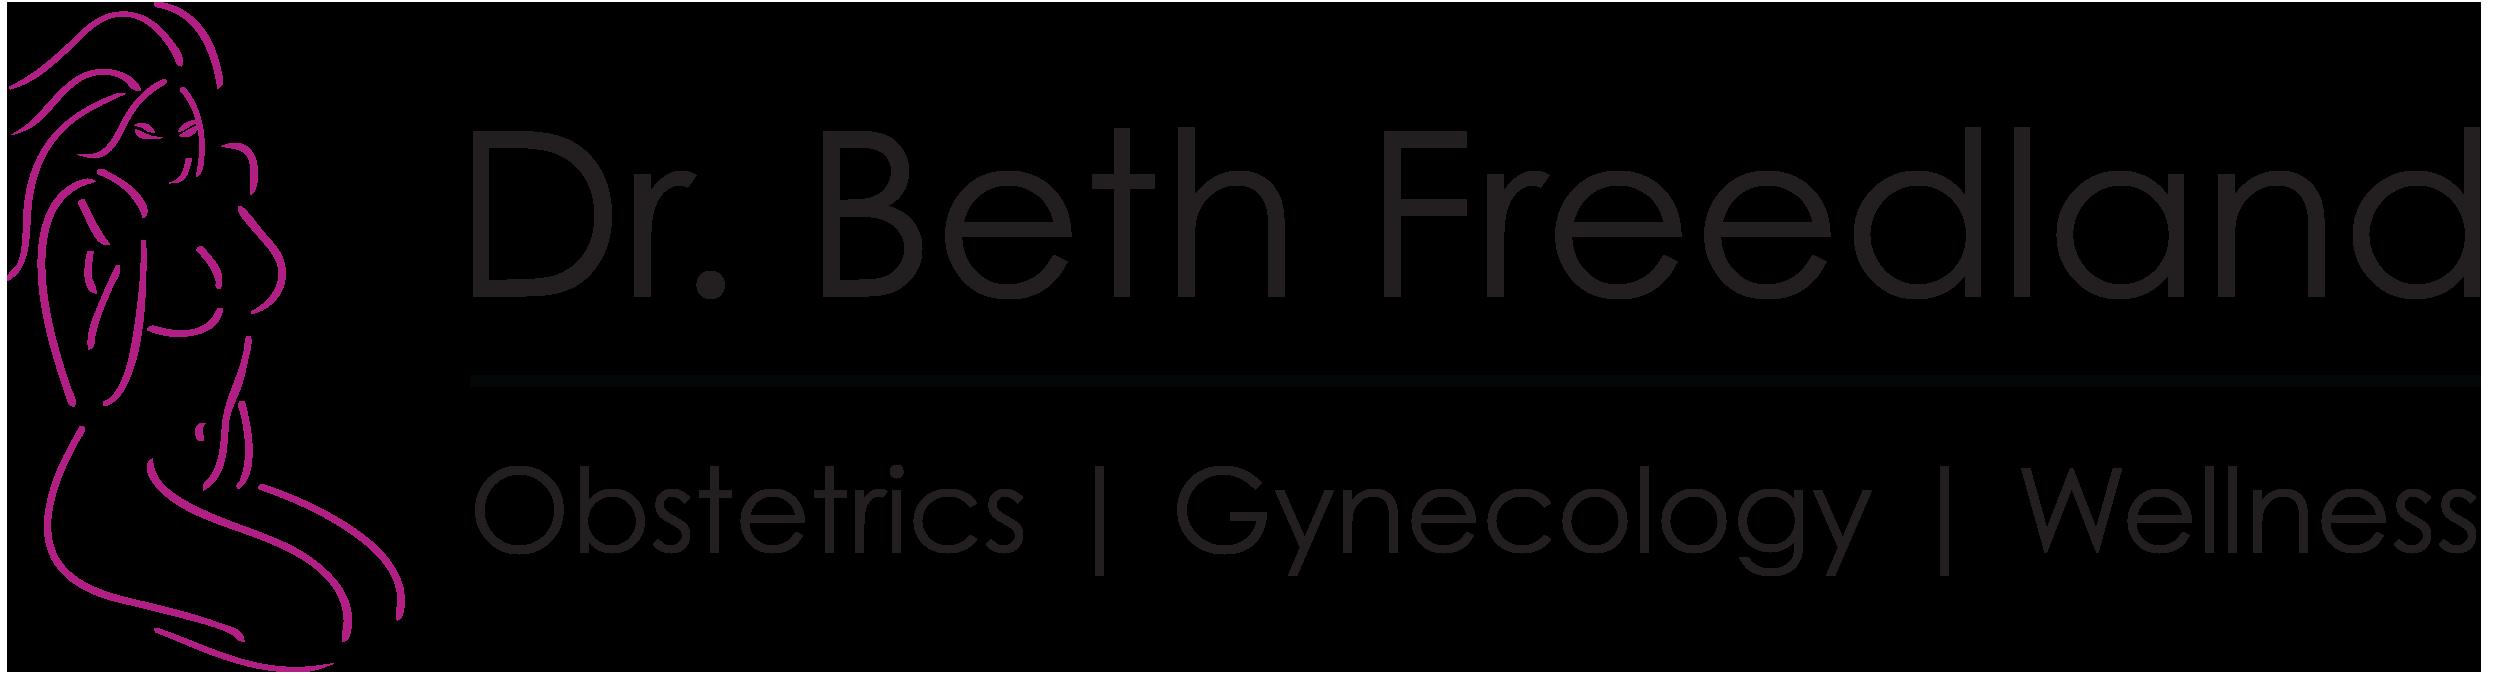 Dr. Beth Freedland OBGYN